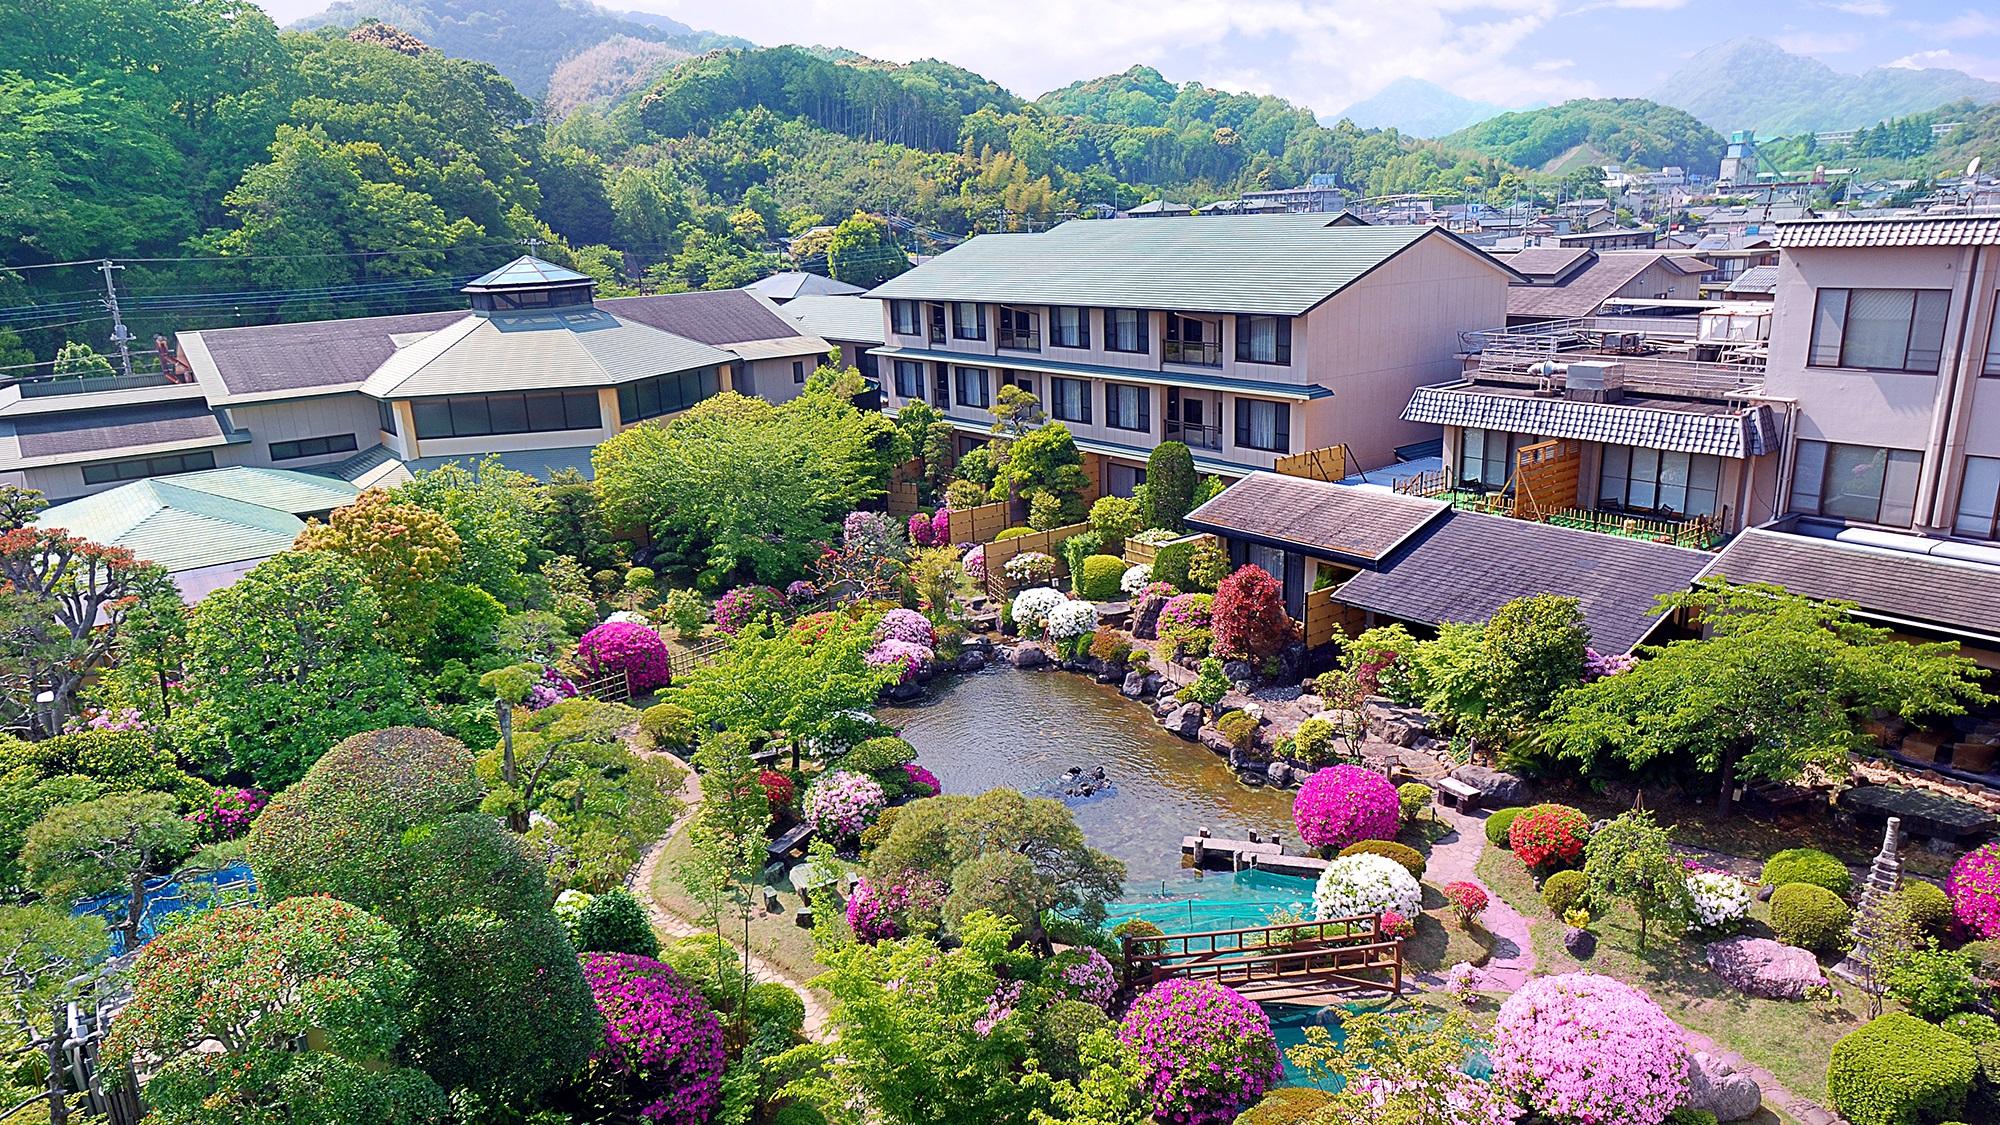 夏休みに家族で伊豆長岡温泉に行きたいので5人部屋があって食事はバイキングの宿を探してます。